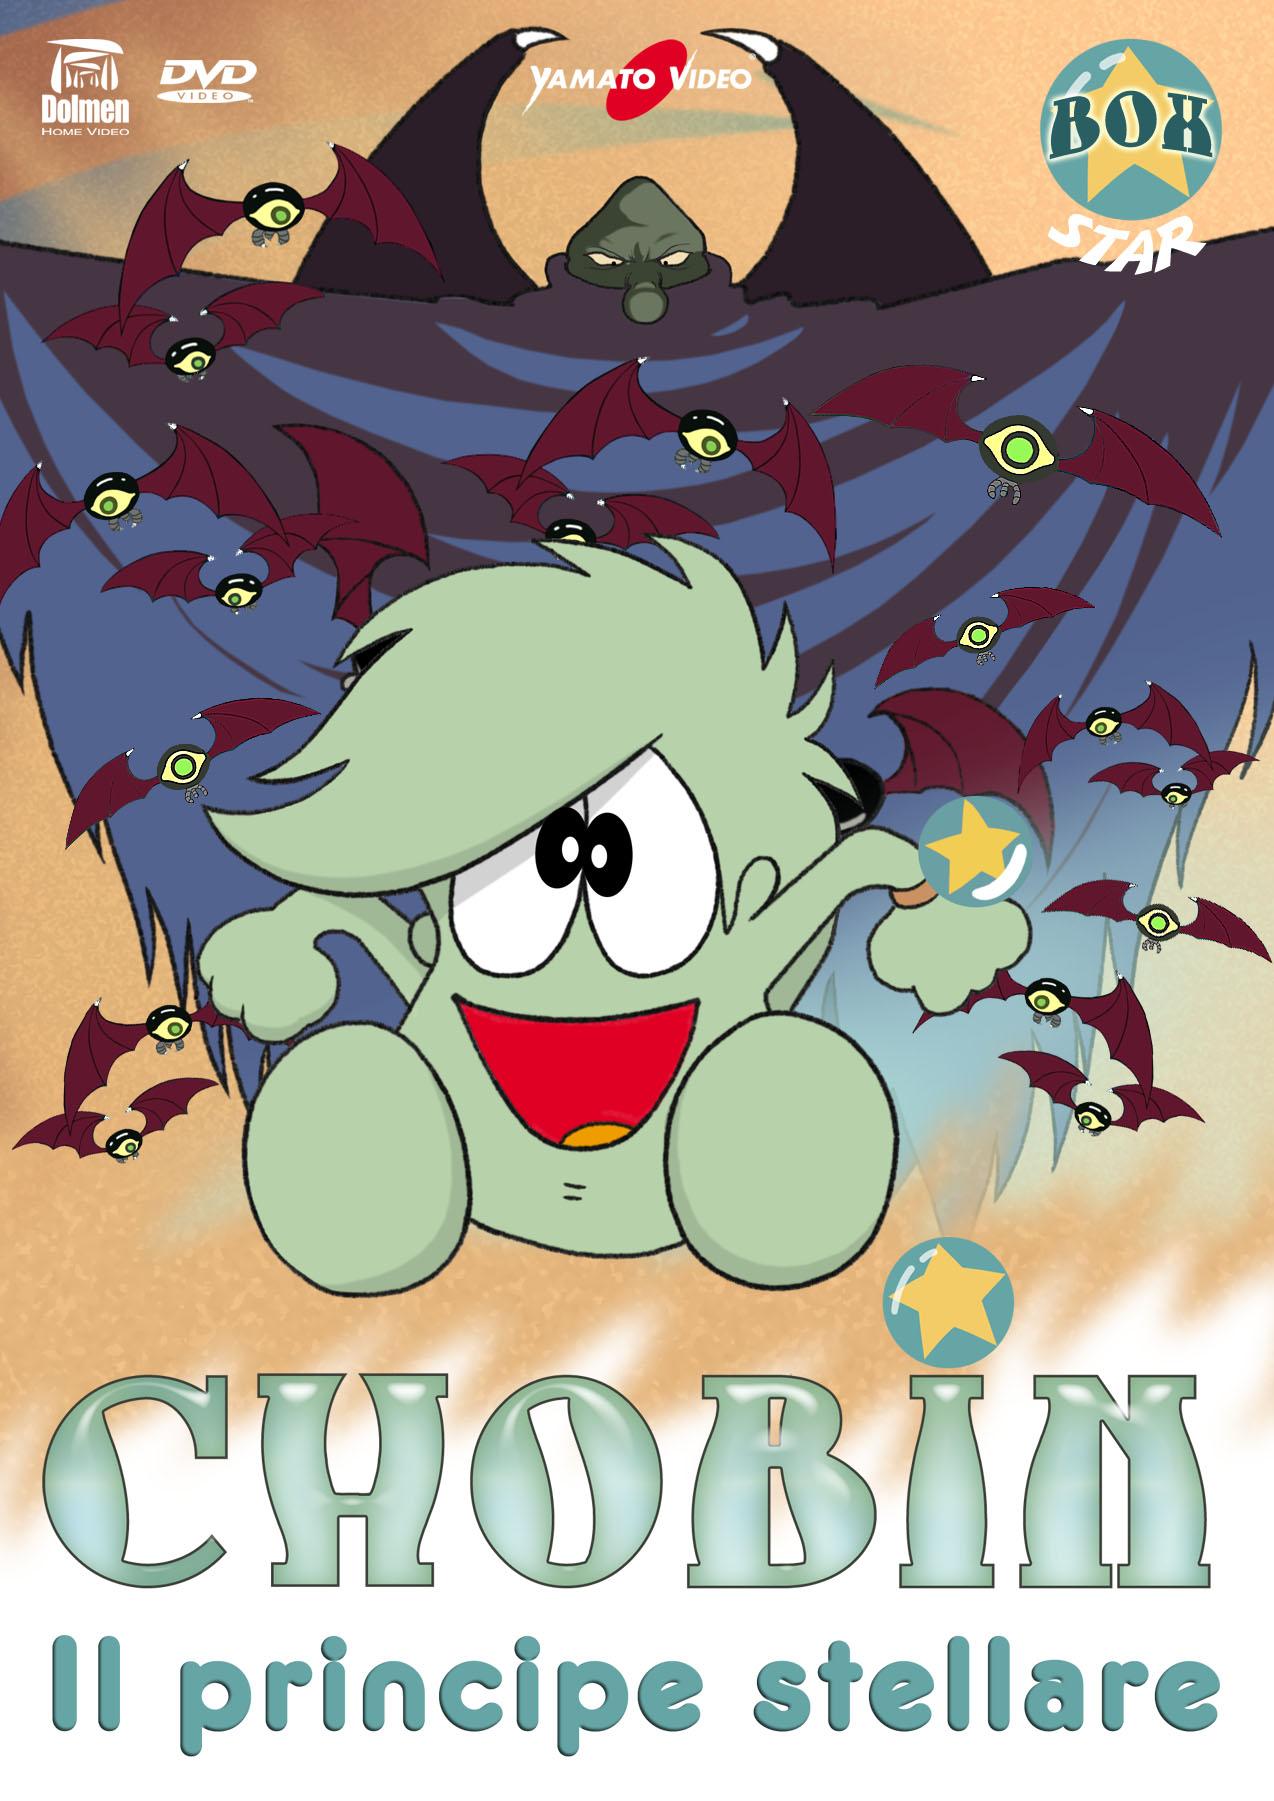 Chobin dvd box